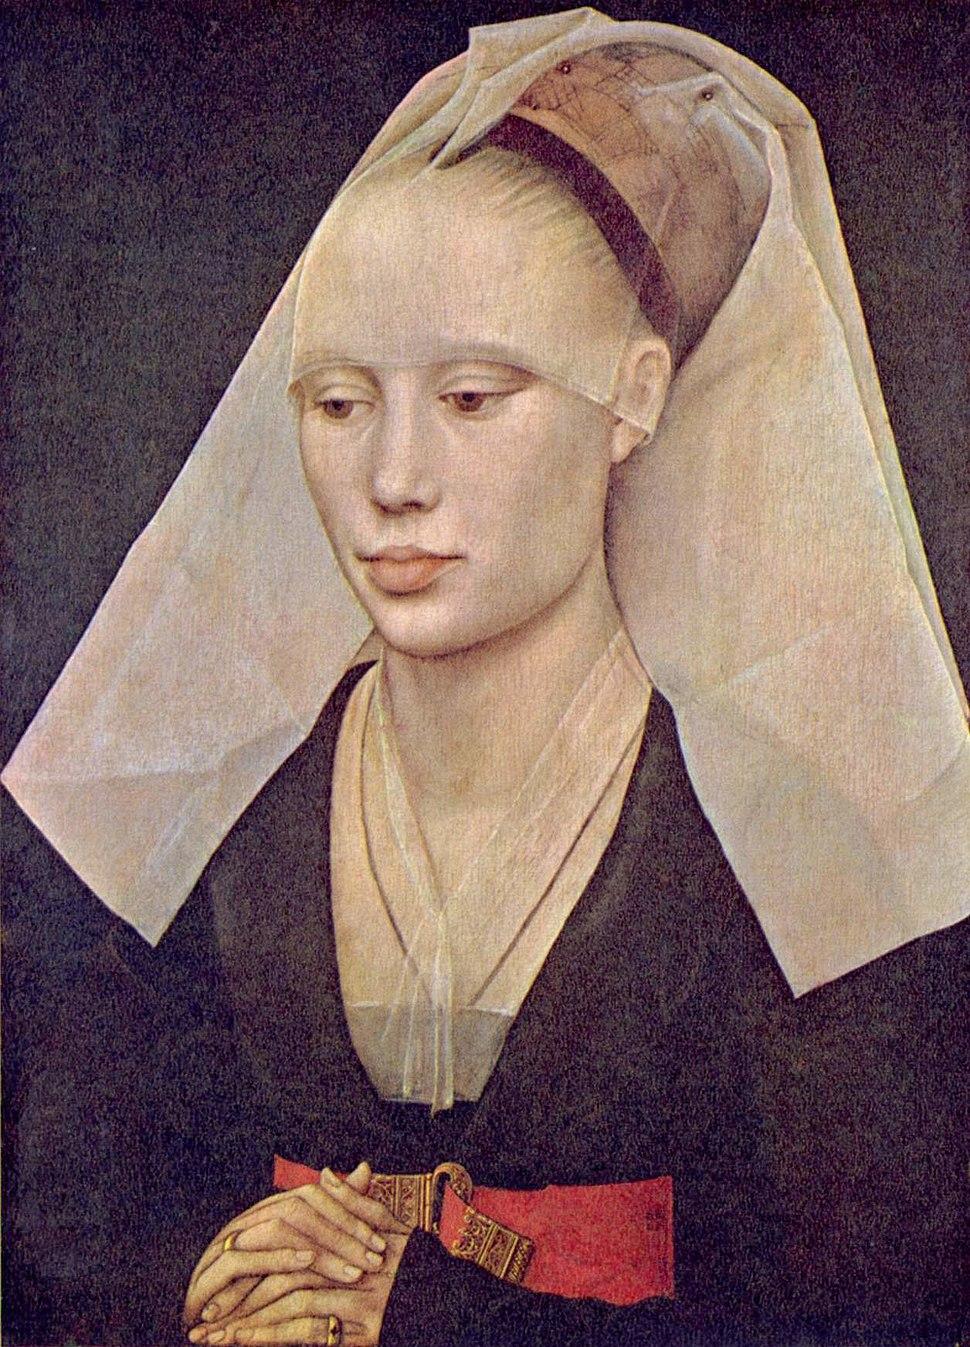 Retrato de muller nova, National Gallery of Art, Washington, D.C.